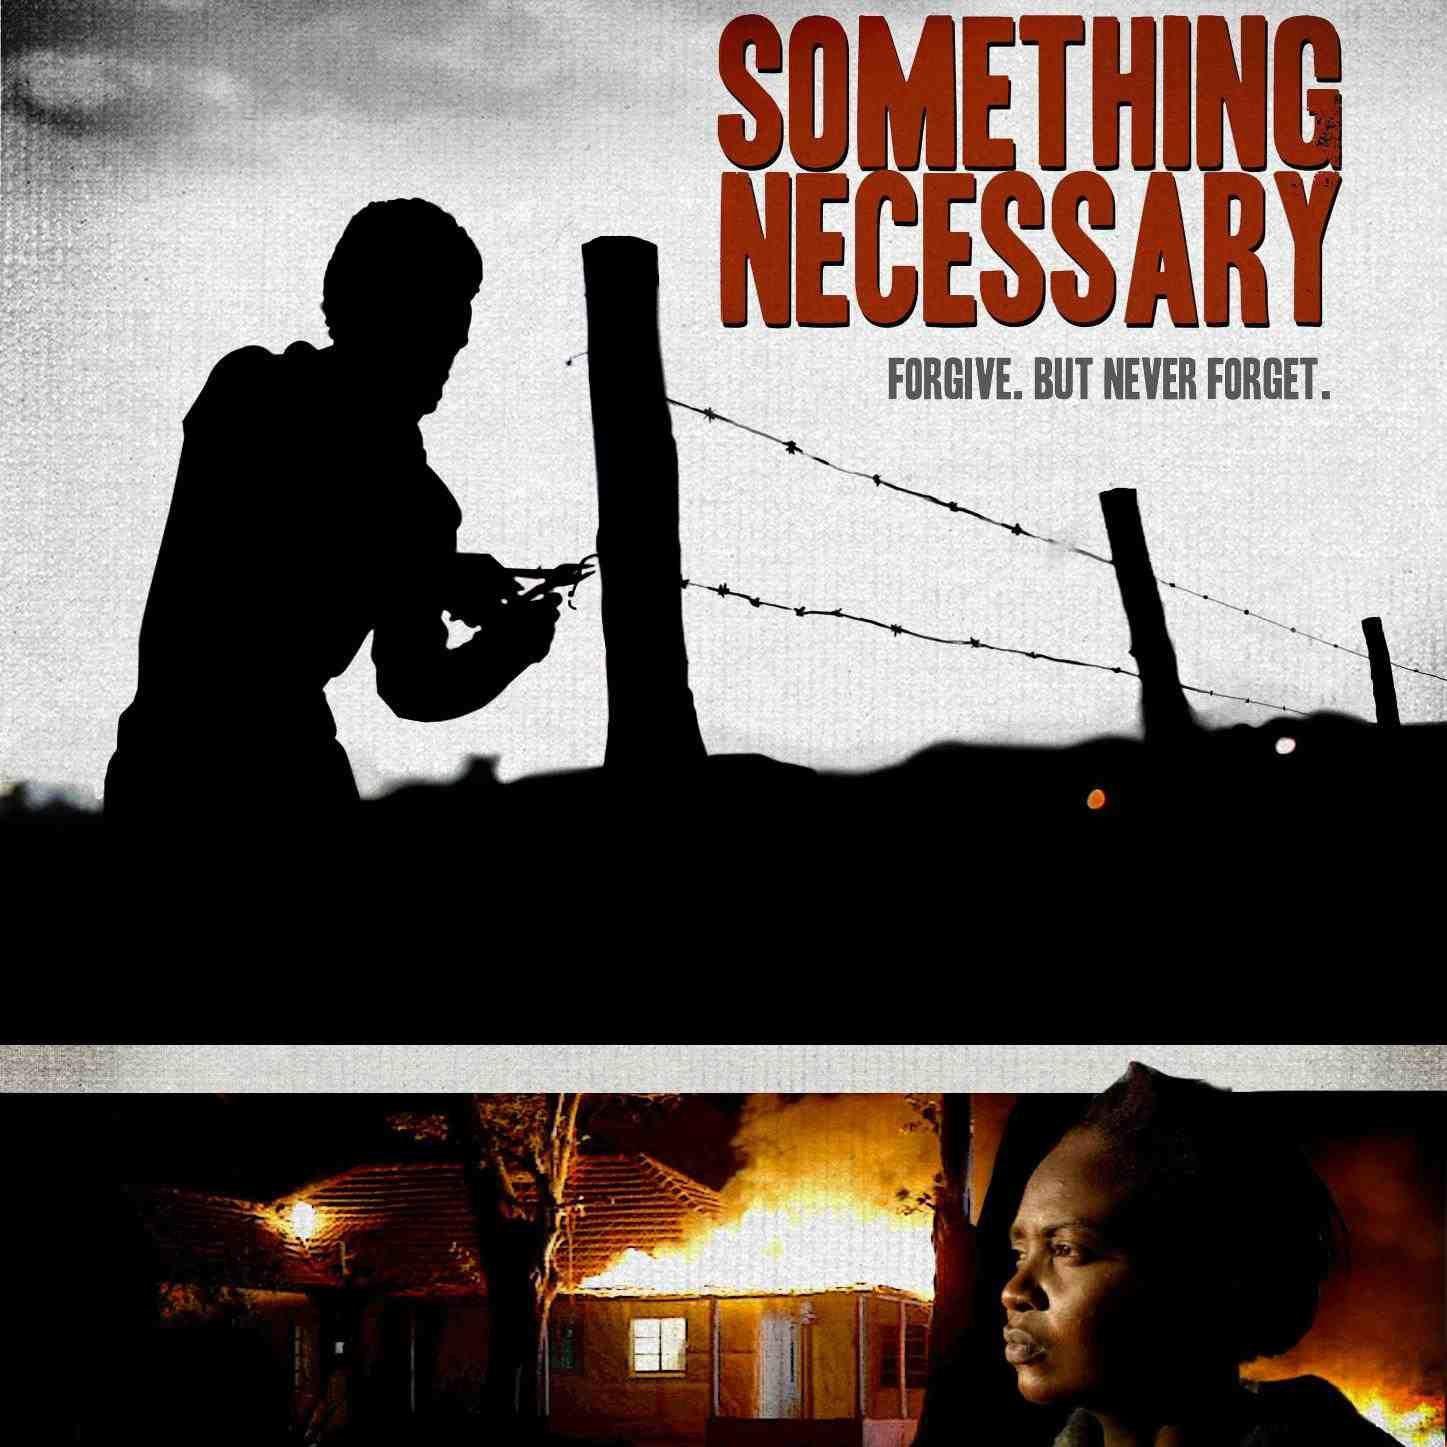 Know Kenya More Through Films